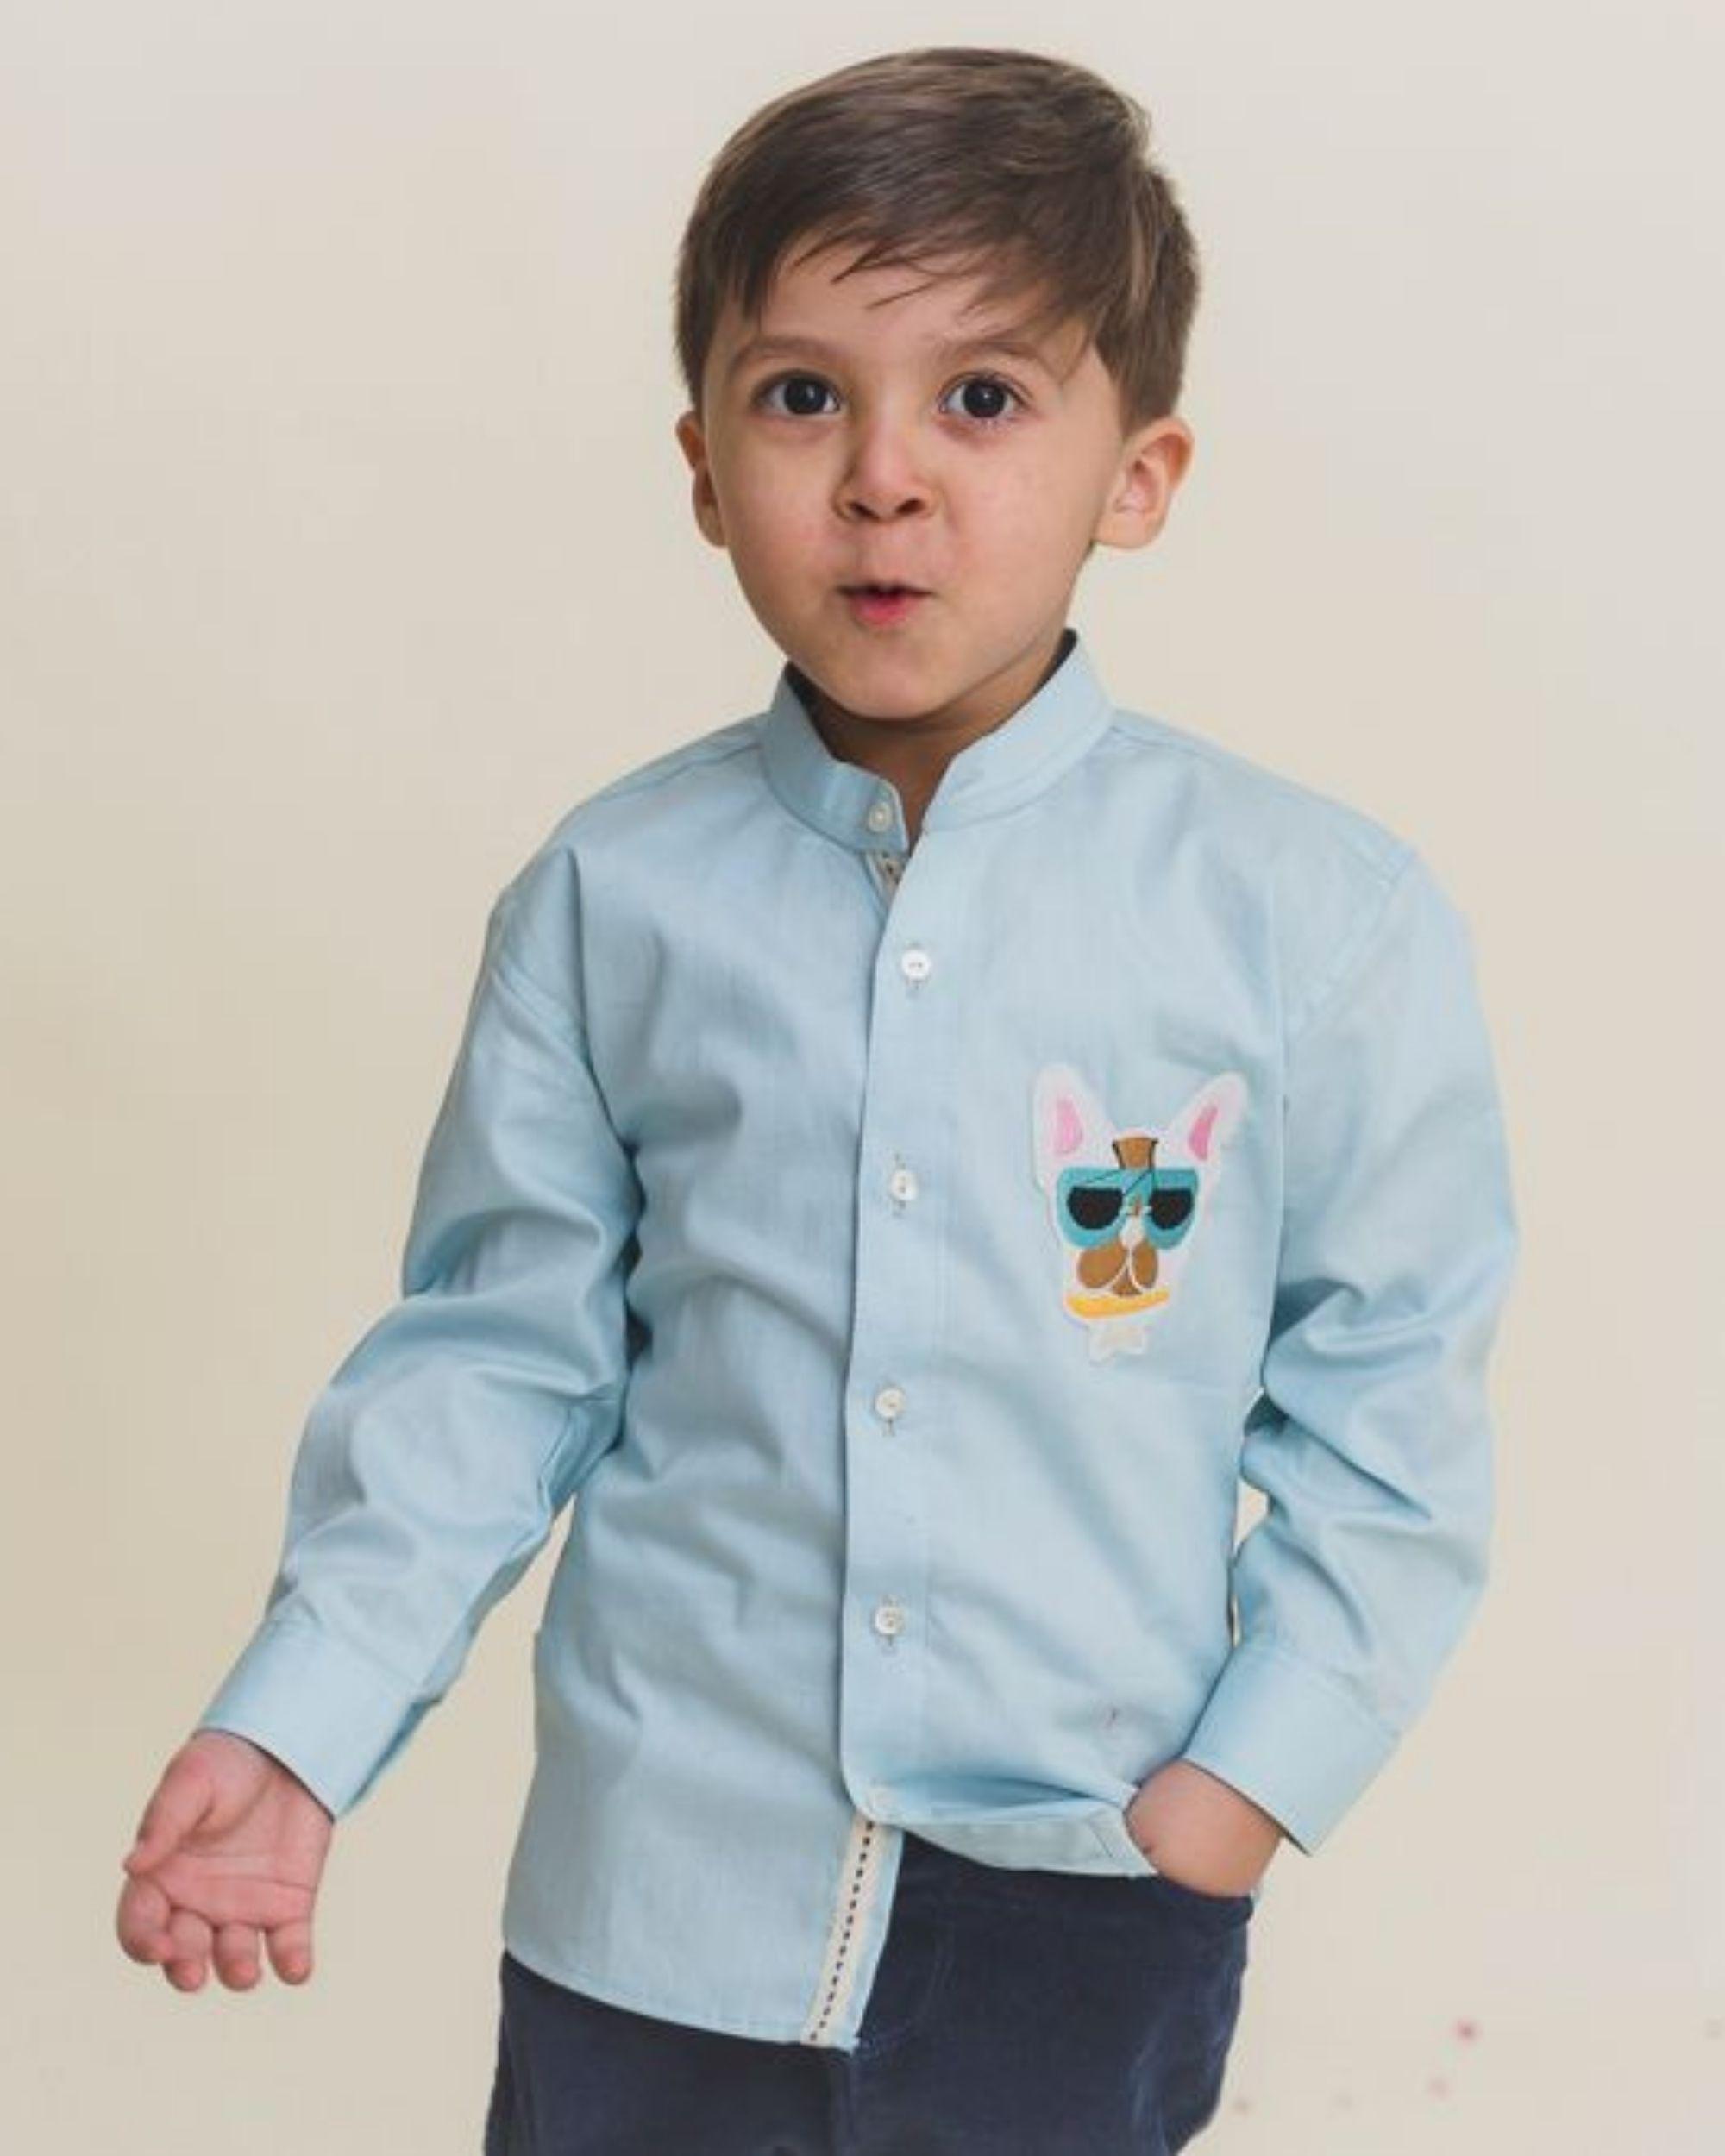 Blue cartoon shirt